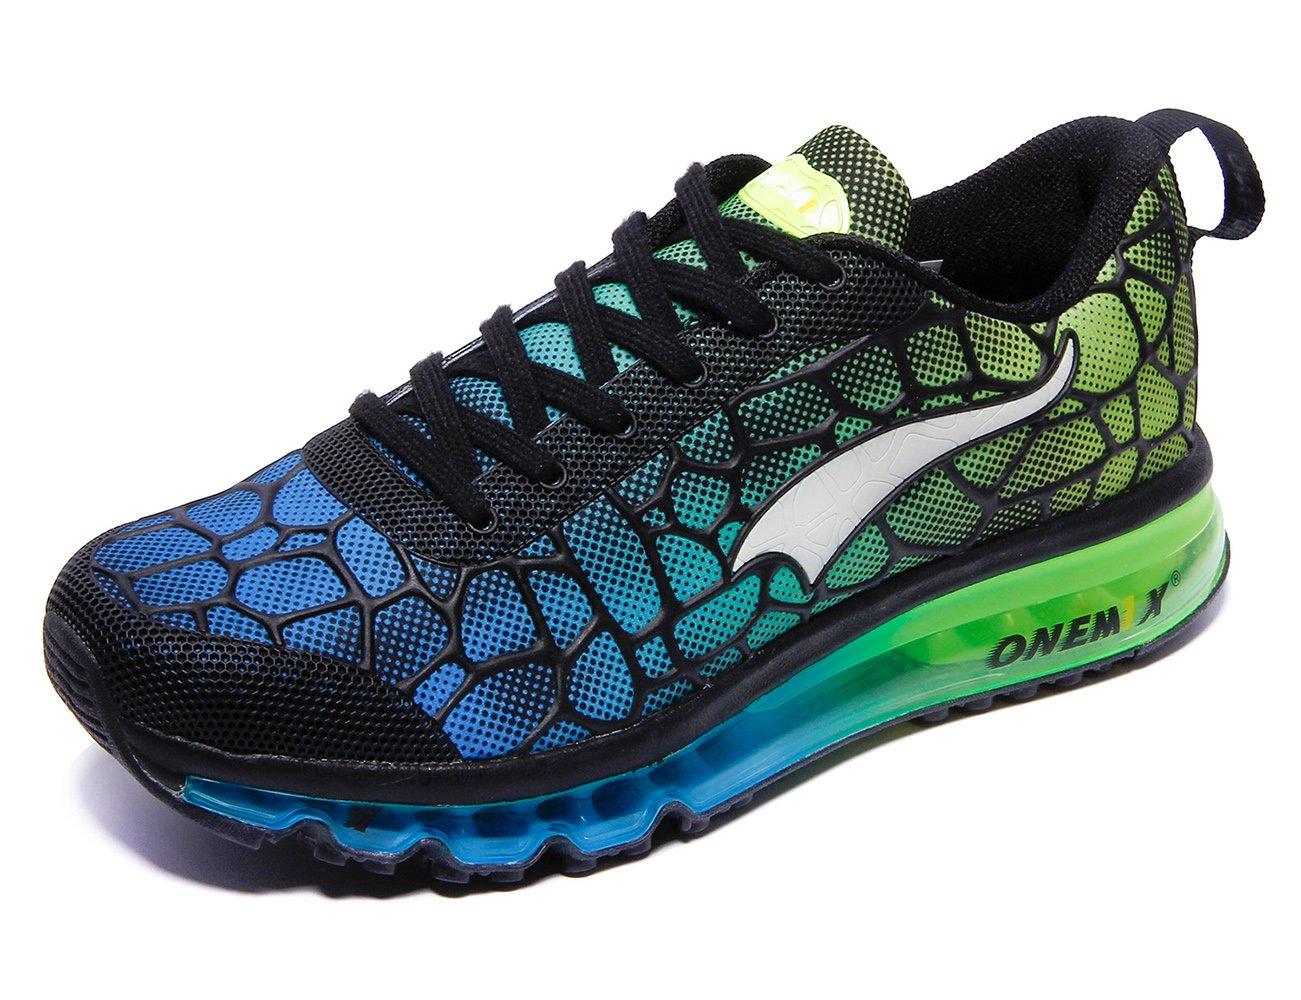 ONEMIX Women's Air Cushiong Running Shoes,Lightweight Sport Athletic Sneakers B07C6VN94J Men 6.5(M)US 39EU/women 8(M)US 39EU|Sky Blue/Green